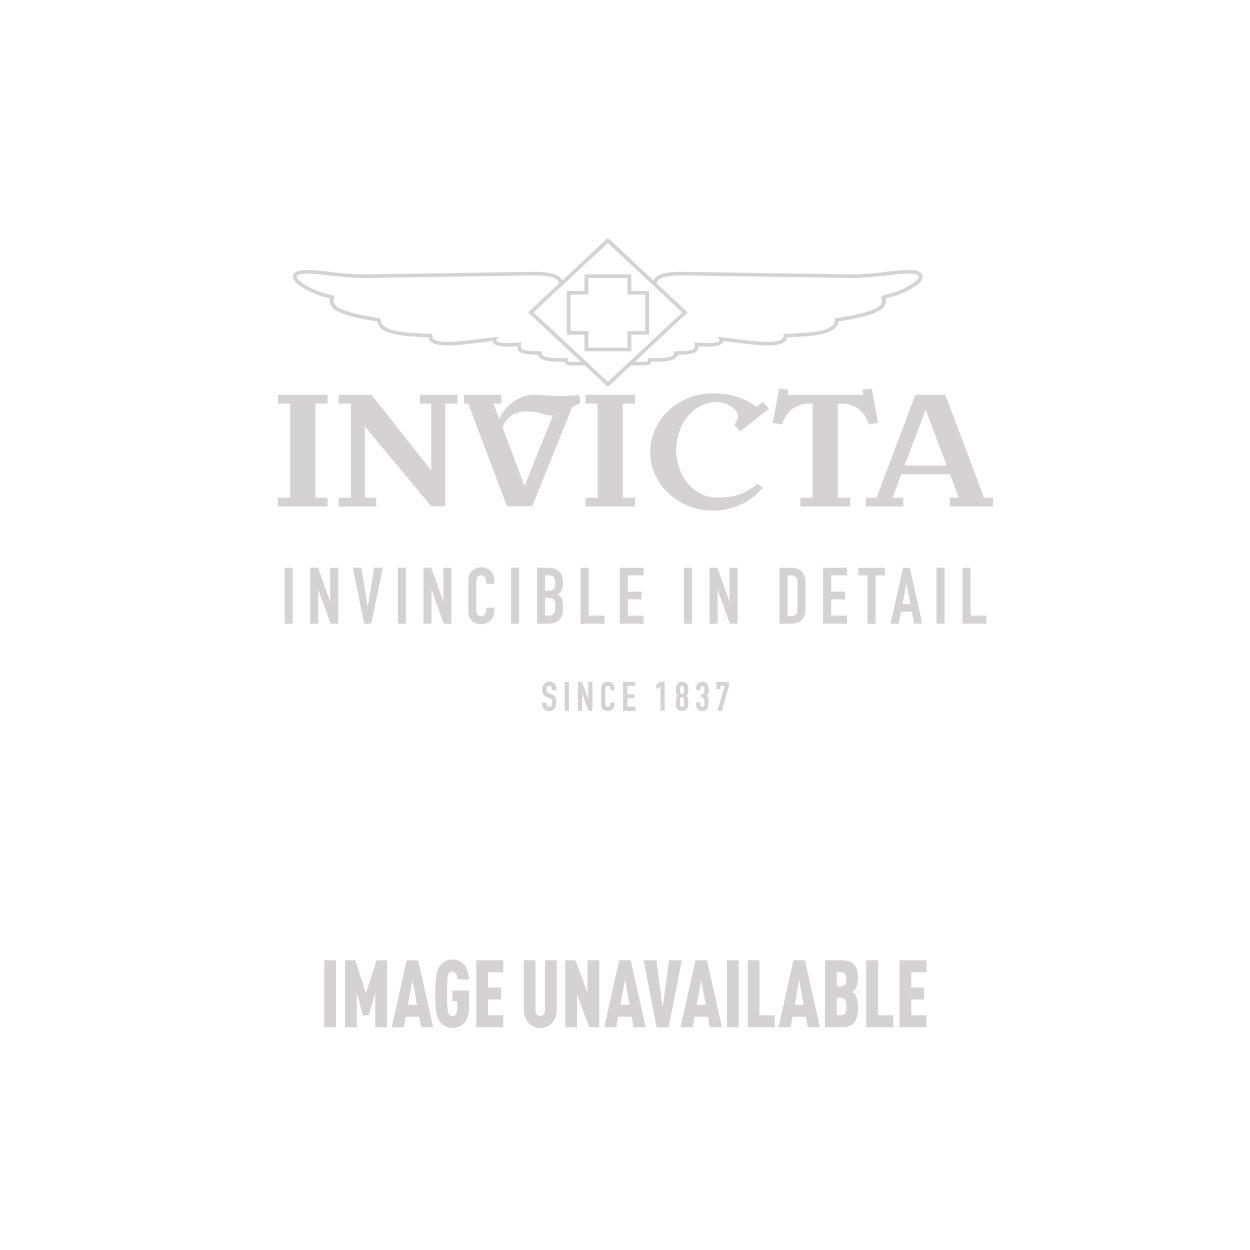 Invicta Model 24880